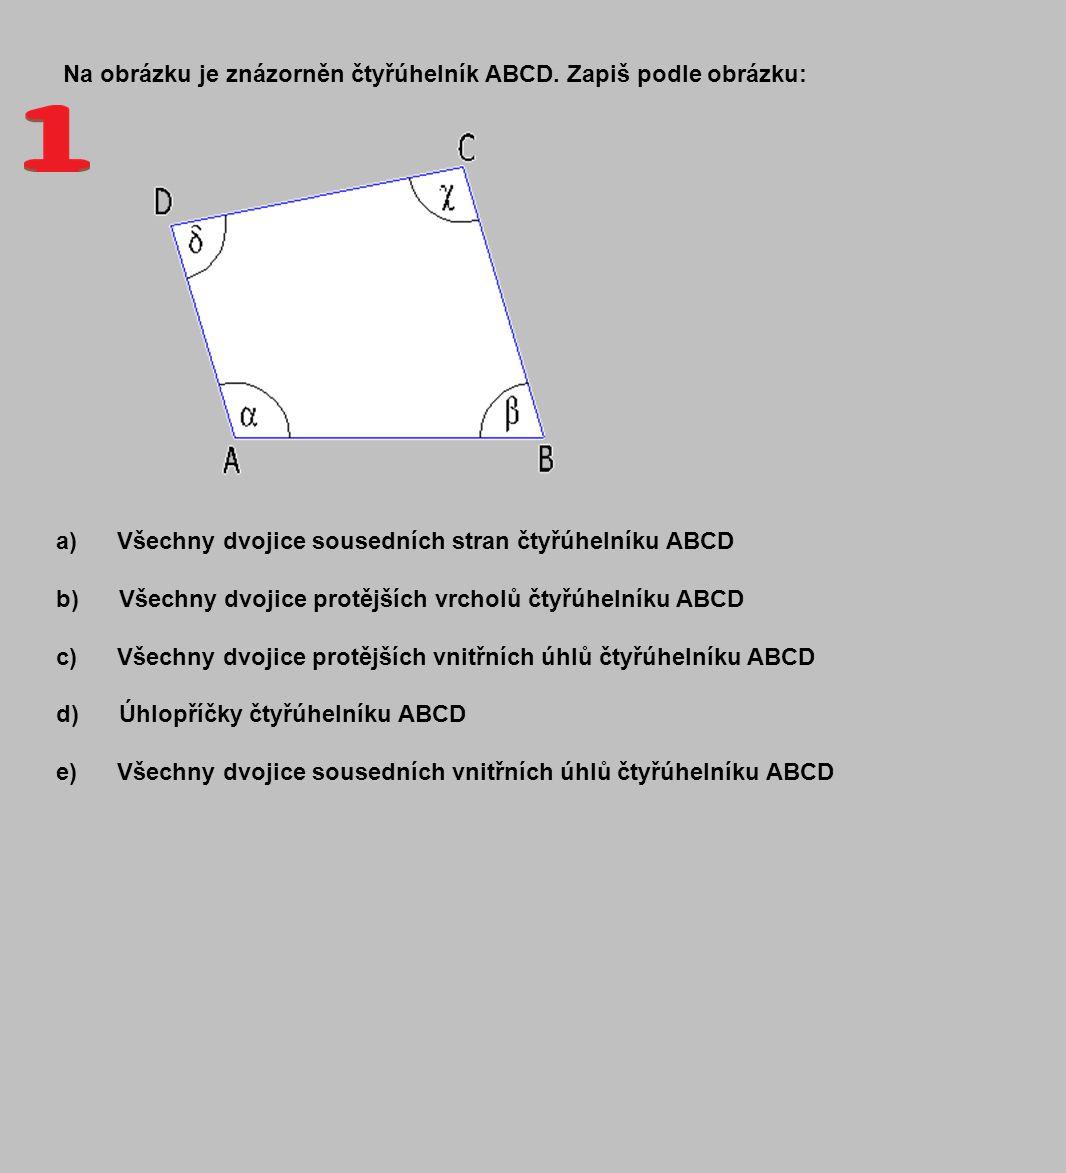 Načrtni si čtyřúhelník, pro který platí: a) má všechny vnitřní úhly pravé b) má dva vnitřní úhly pravé c) má pouze jeden vnitřní úhel pravý d) má pouze jeden vnitřní úhel pravý a je nekonvexní e) má dva vnitřní úhly tupé a dva vnitřní úhly ostré f) má všechny vnitřní úhly ostré g) má všechny vnitřní úhly tupé